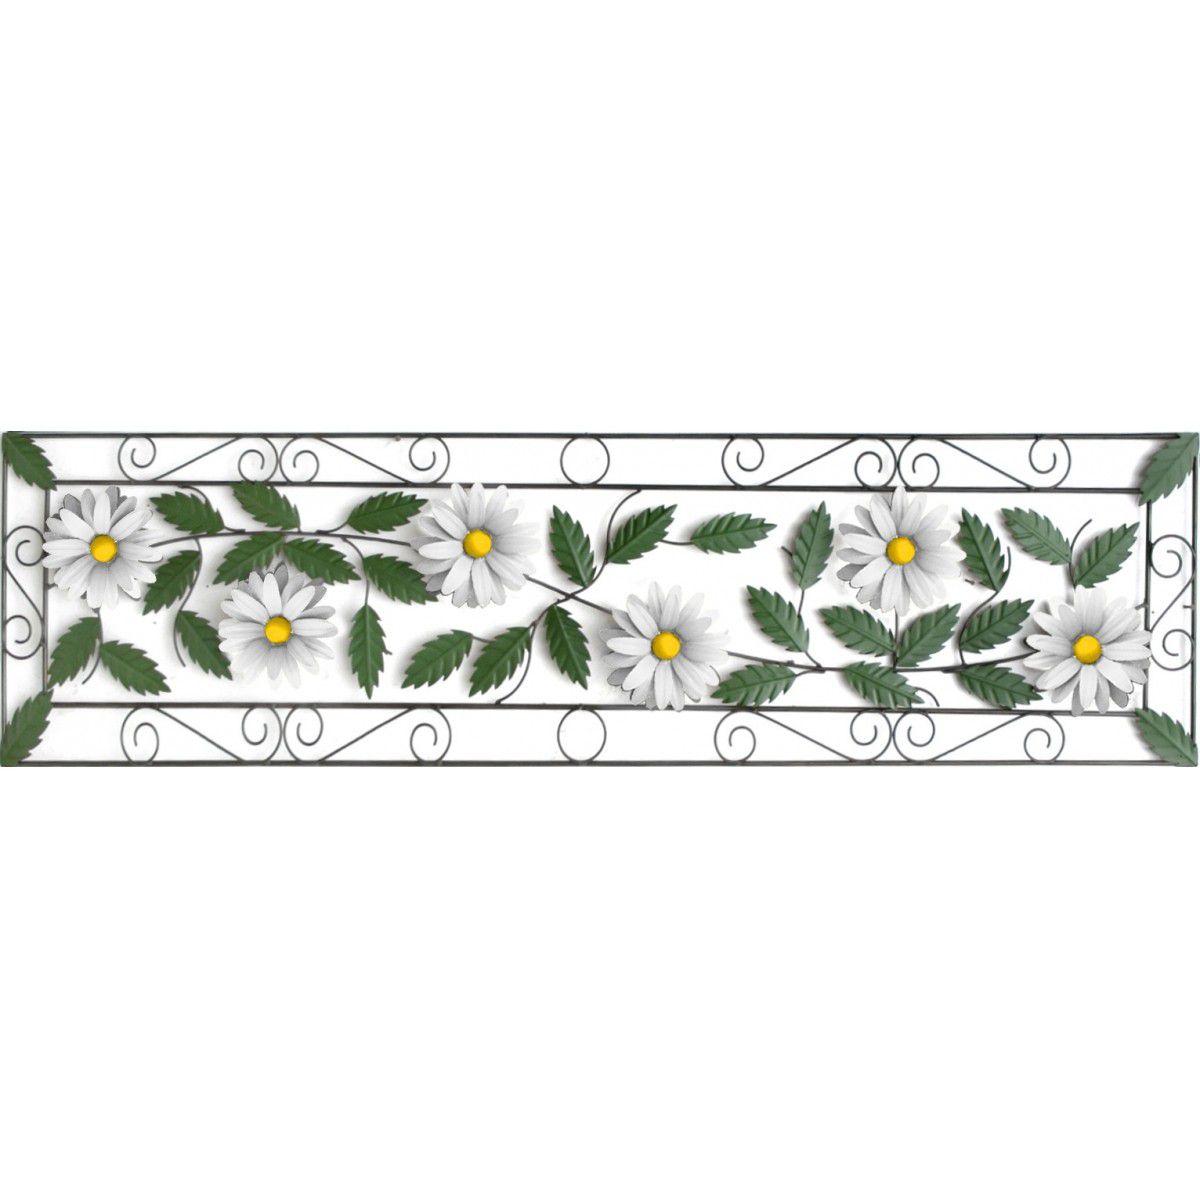 Moldura de Flores Artesanais em Ferro Classica para Parede